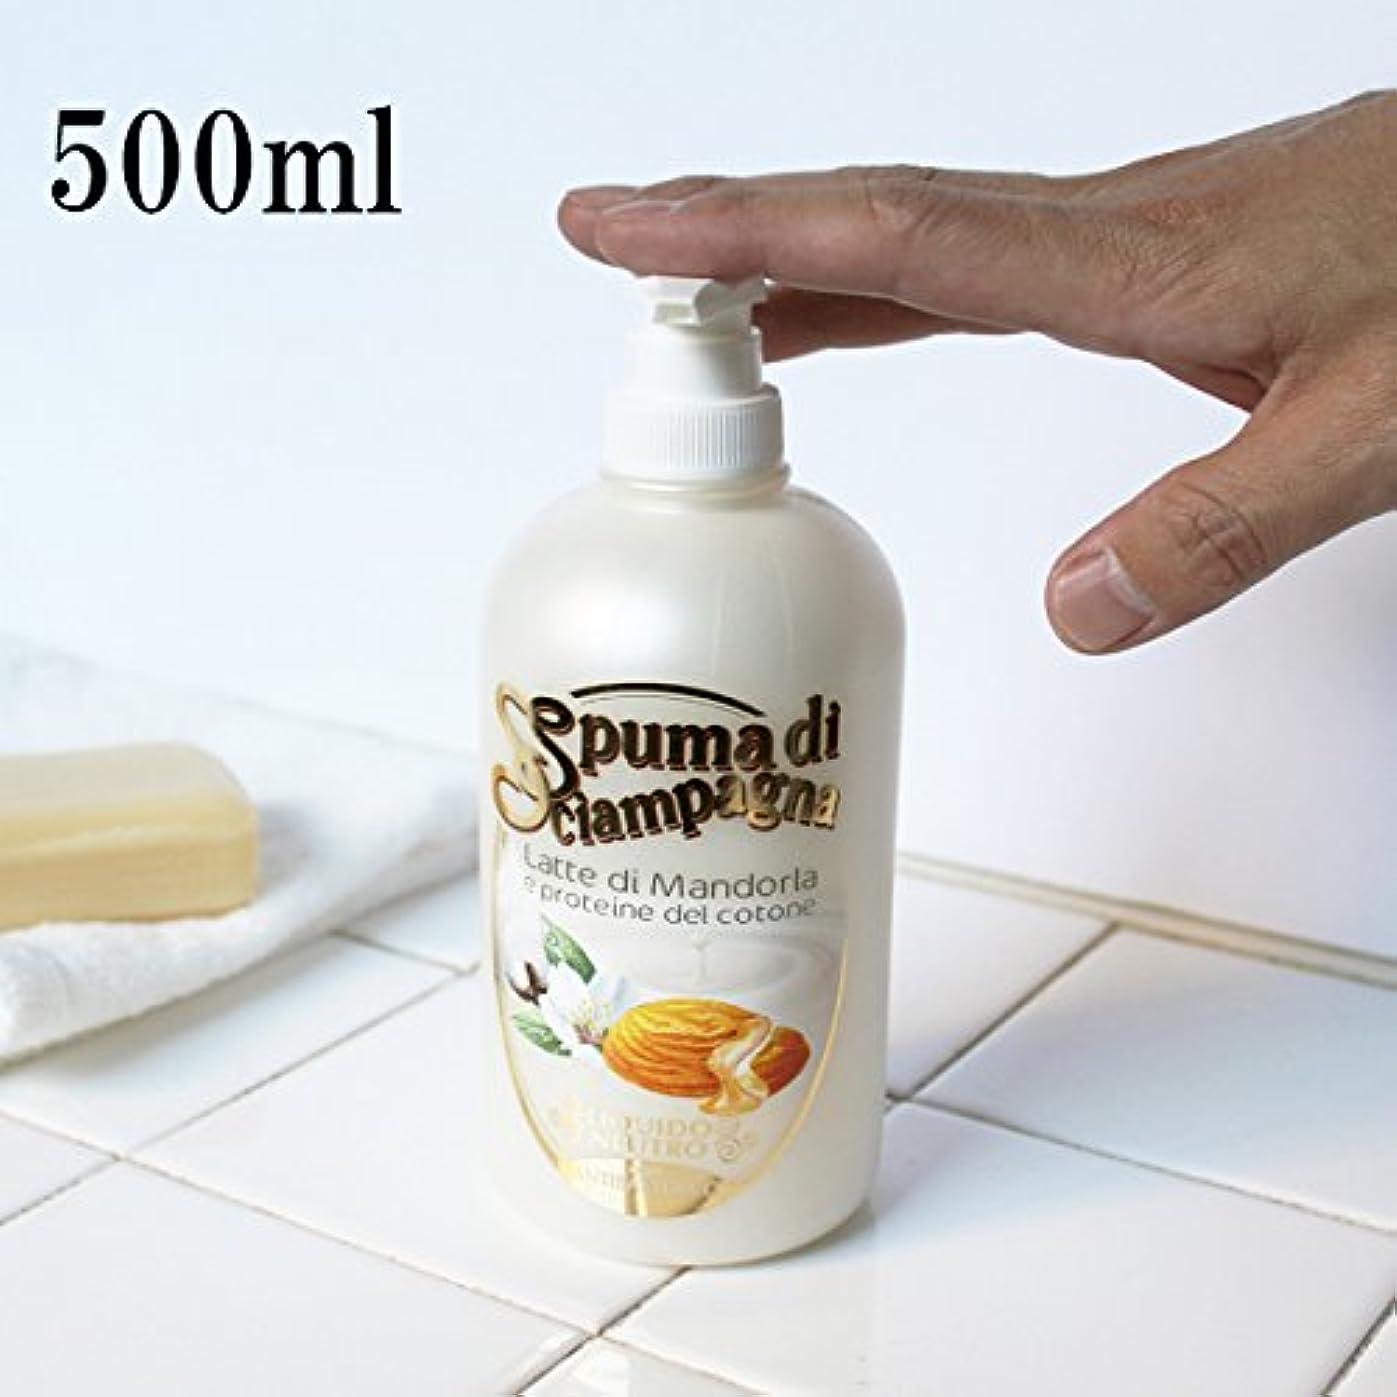 悪意キウイモーションSpuma di Sciampagna (スプーマ ディ シャンパーニャ) リキッドソープ 500ml アーモンドの香り